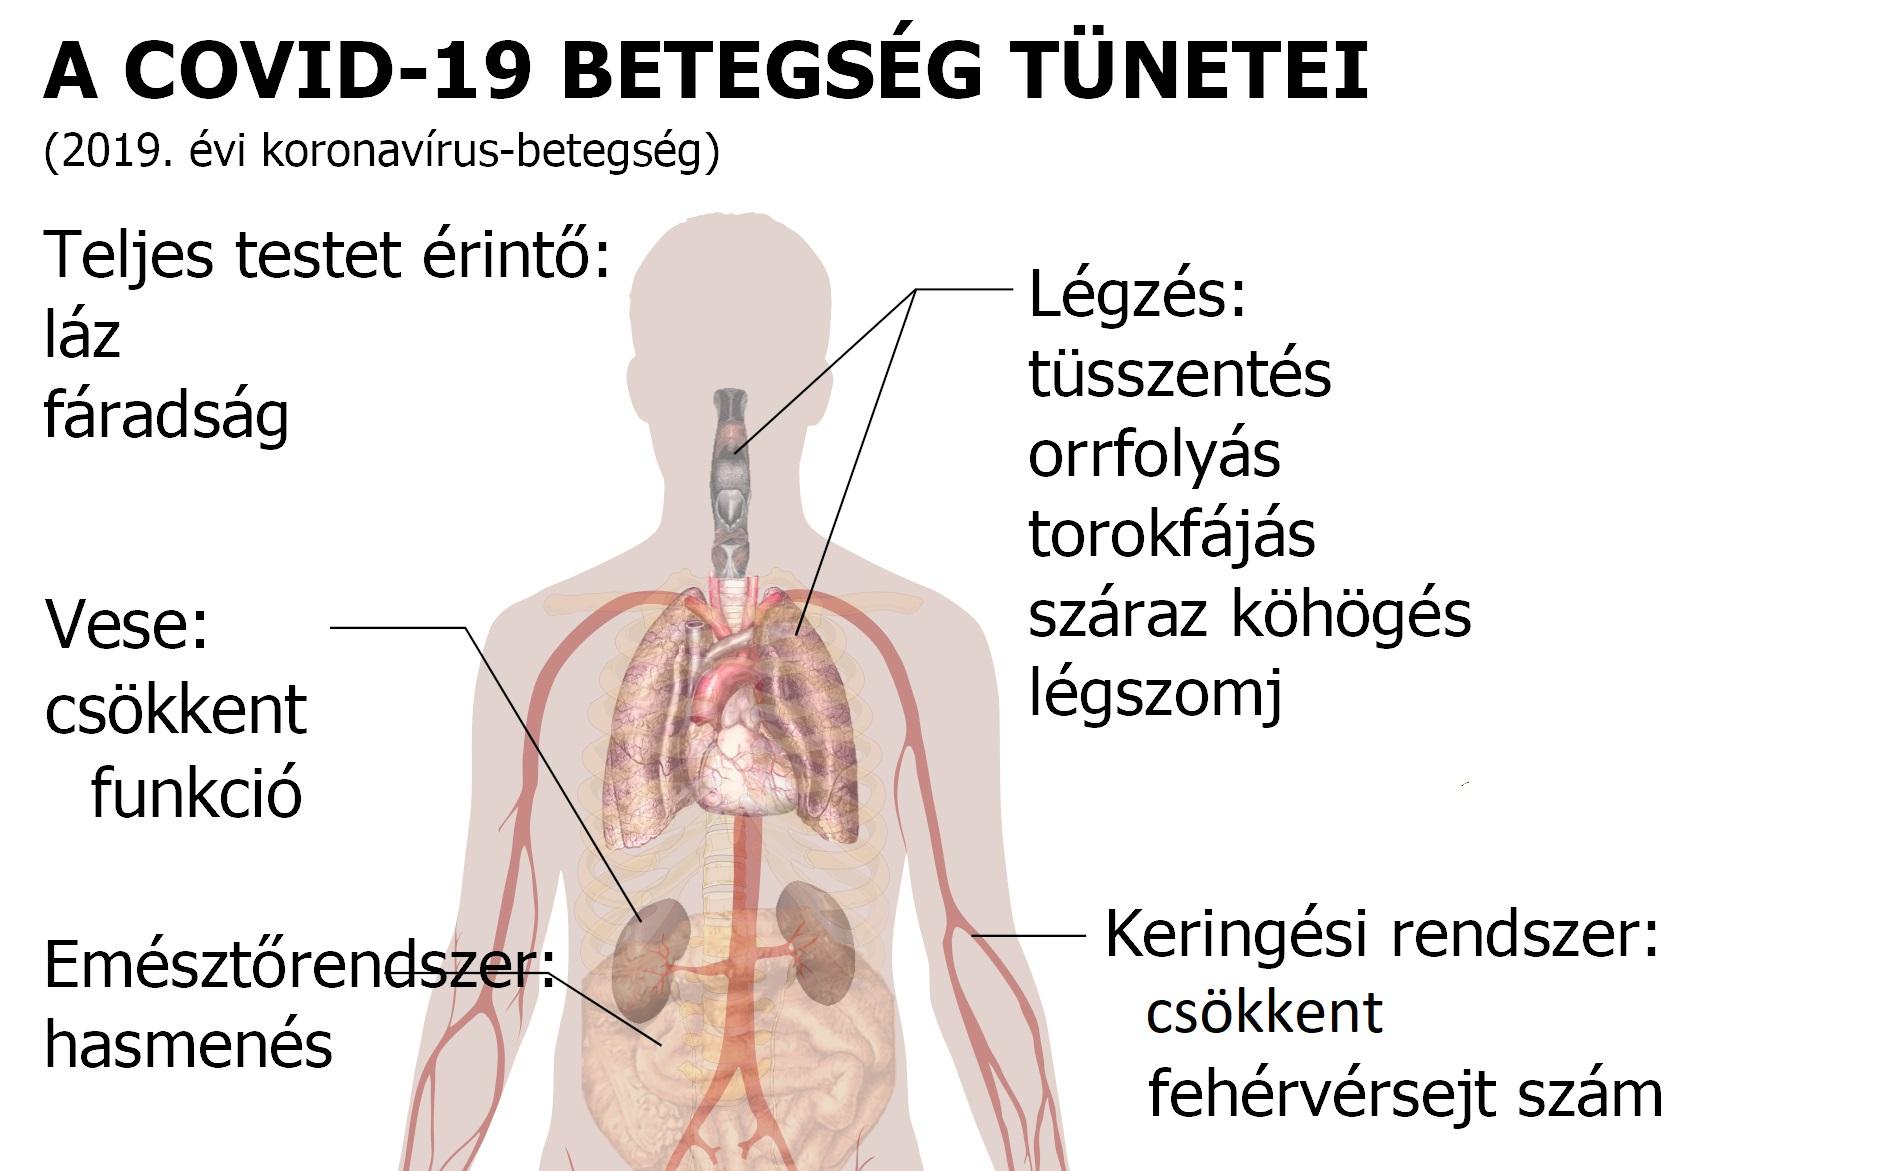 Férgek, kukacok az élő testben - Férgek jelenléte az emberi test tüneteiben